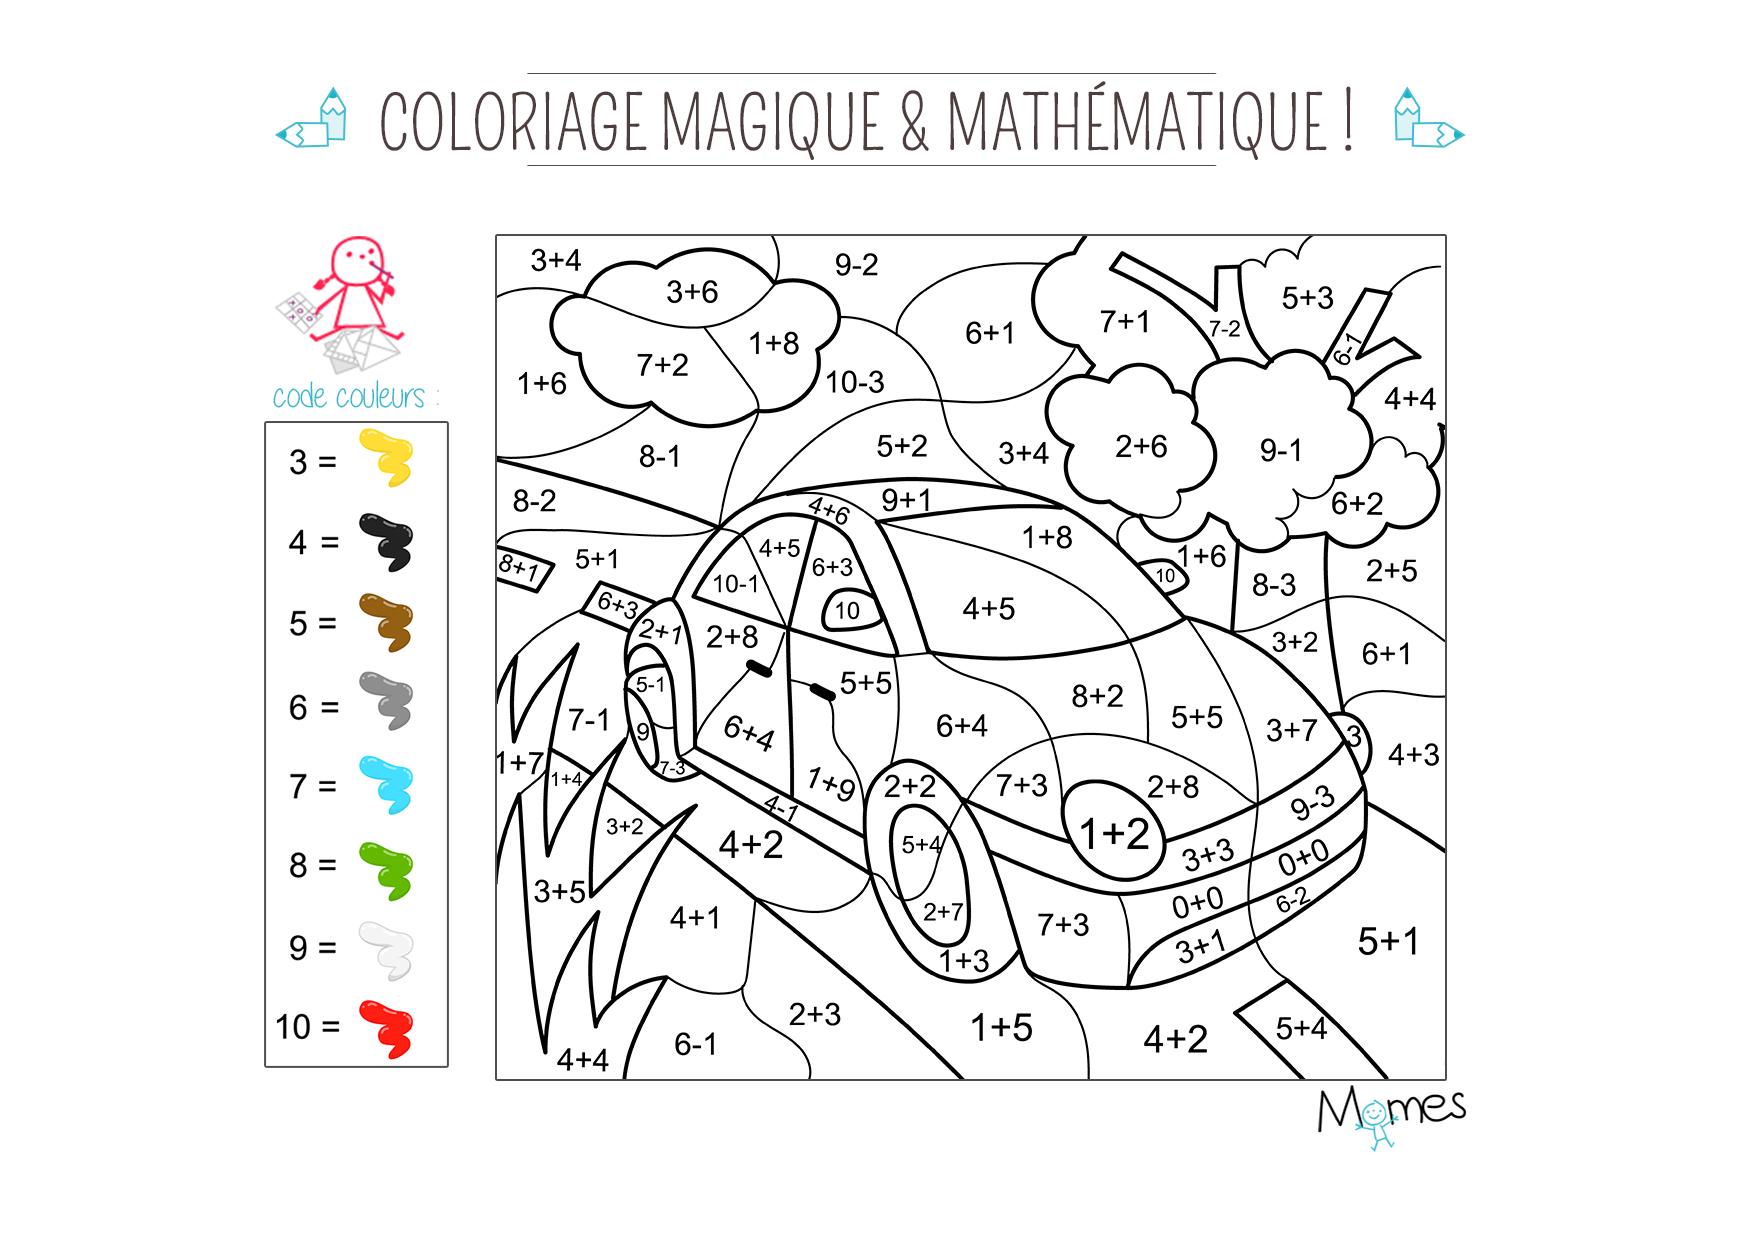 Coloriage Famille Magique.Coloriage Magique Et Mathematique La Voiture Momes Net